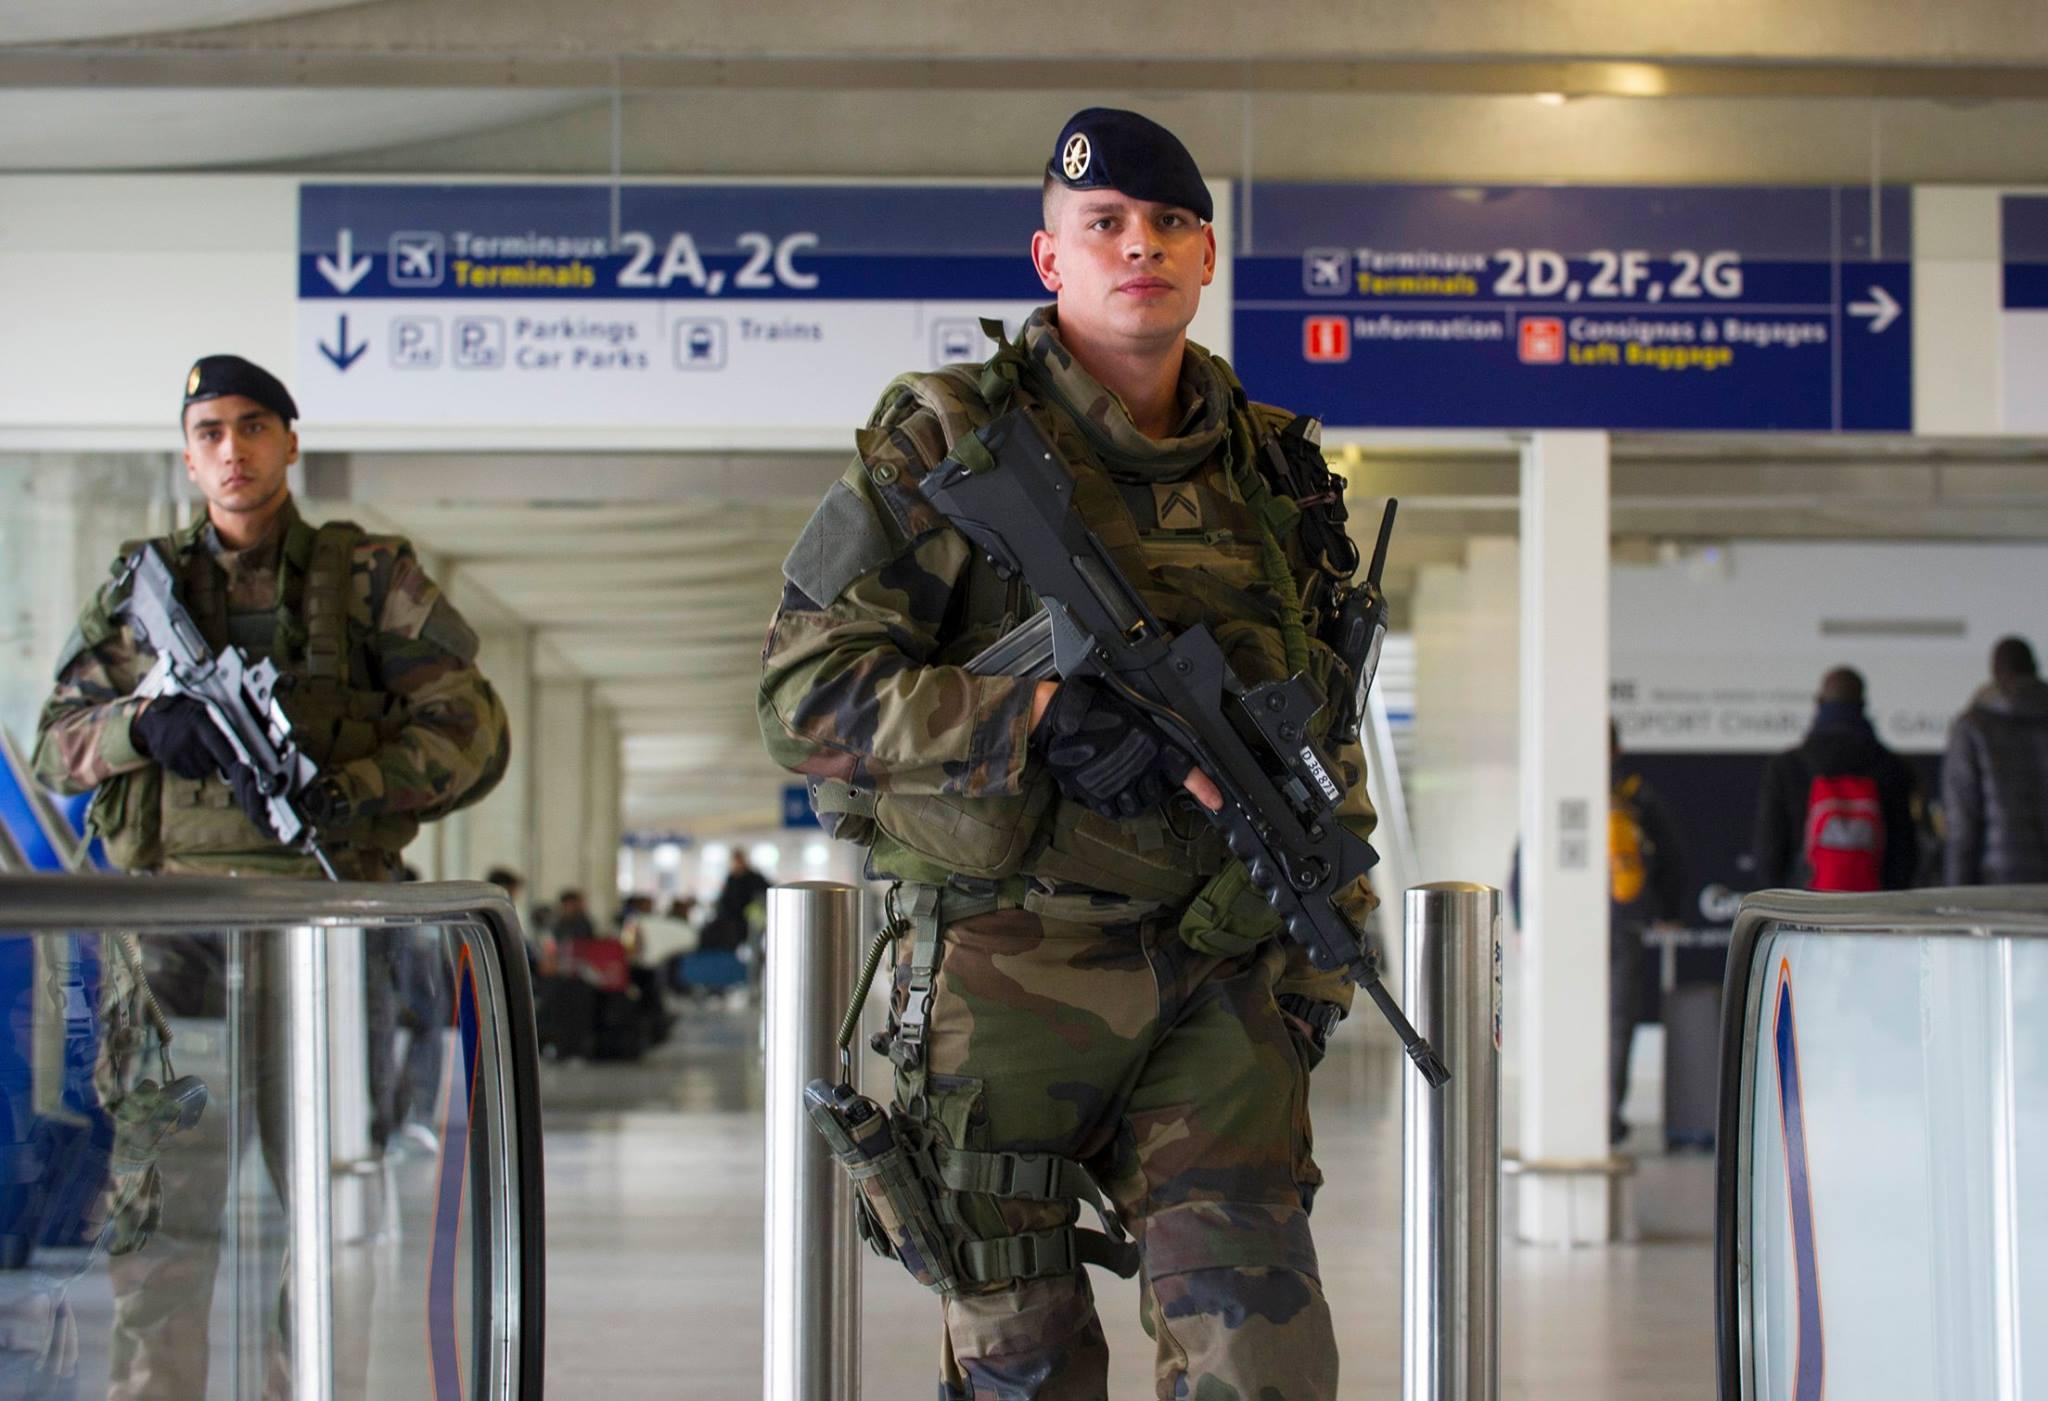 Parigi, aggredito militare in metrò. L'assalitore grida frasi su Allah